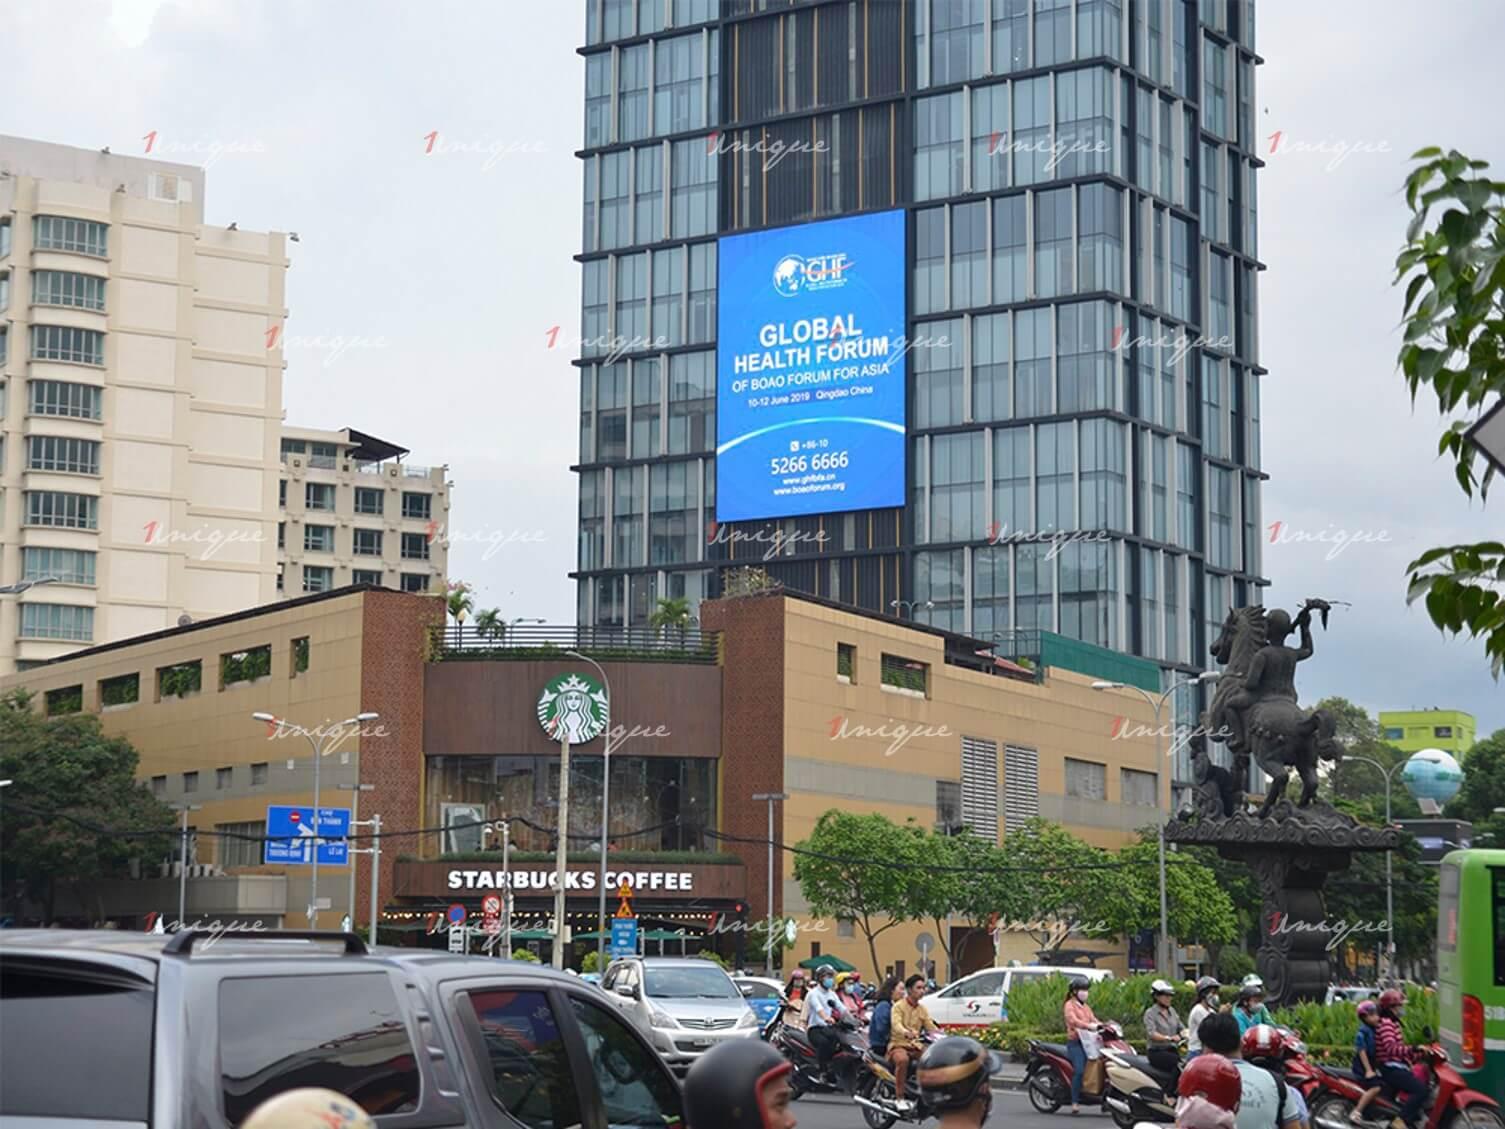 Màn hình Led quảng cáo ngoài trời A&B Sài Gòn Tower, 76 Lê Lai, Quận 1